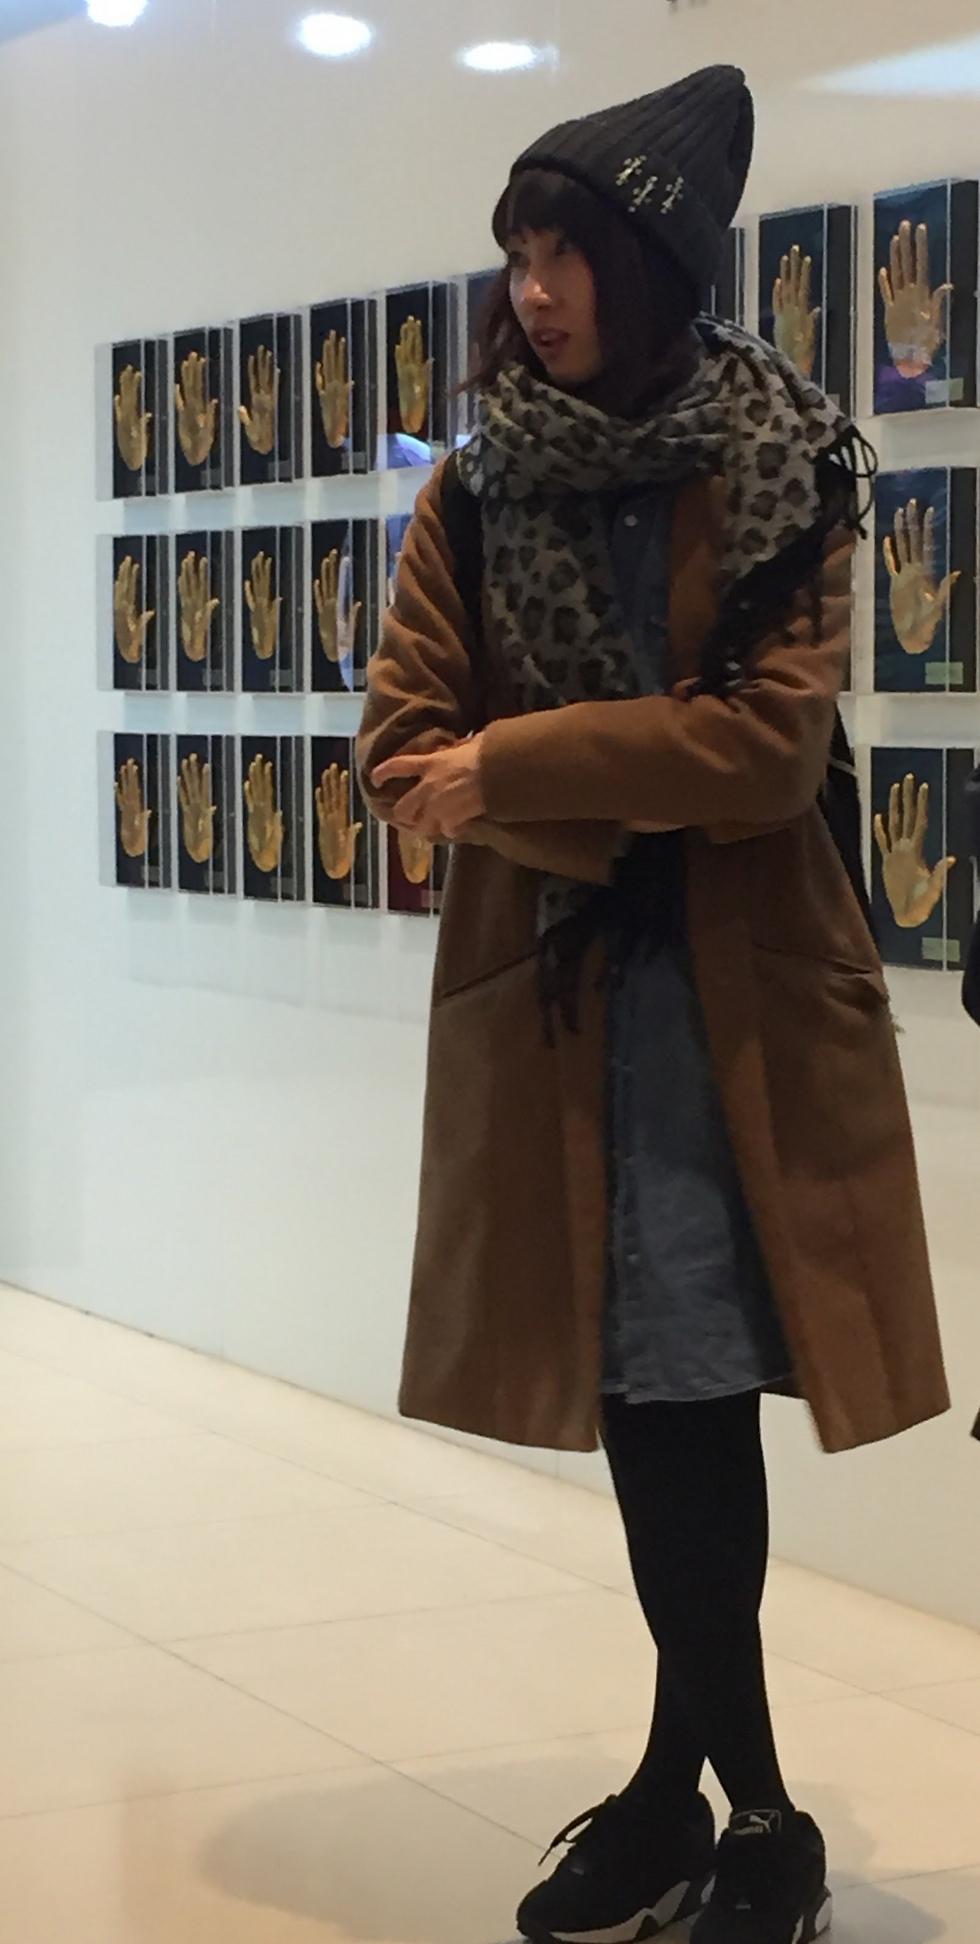 מעריצה לצד קיר טביעות האצבע של כוכבי הפופ הקוריאני